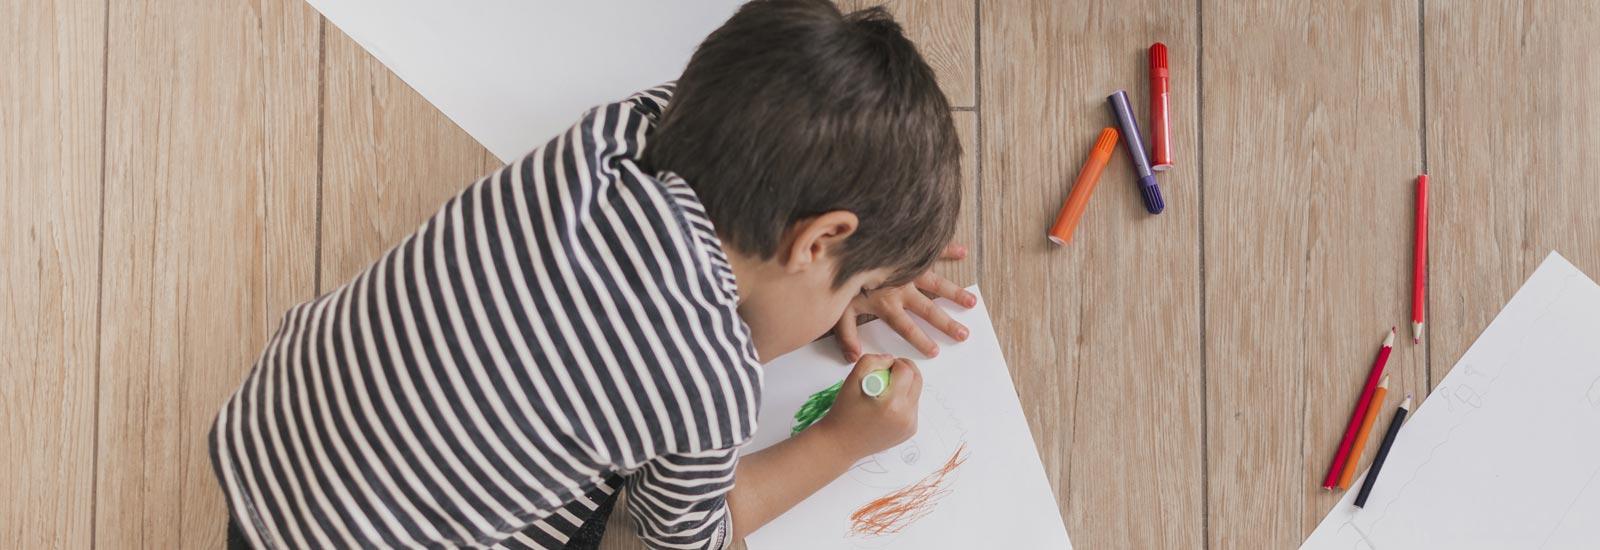 Cada niño es un creativo innato